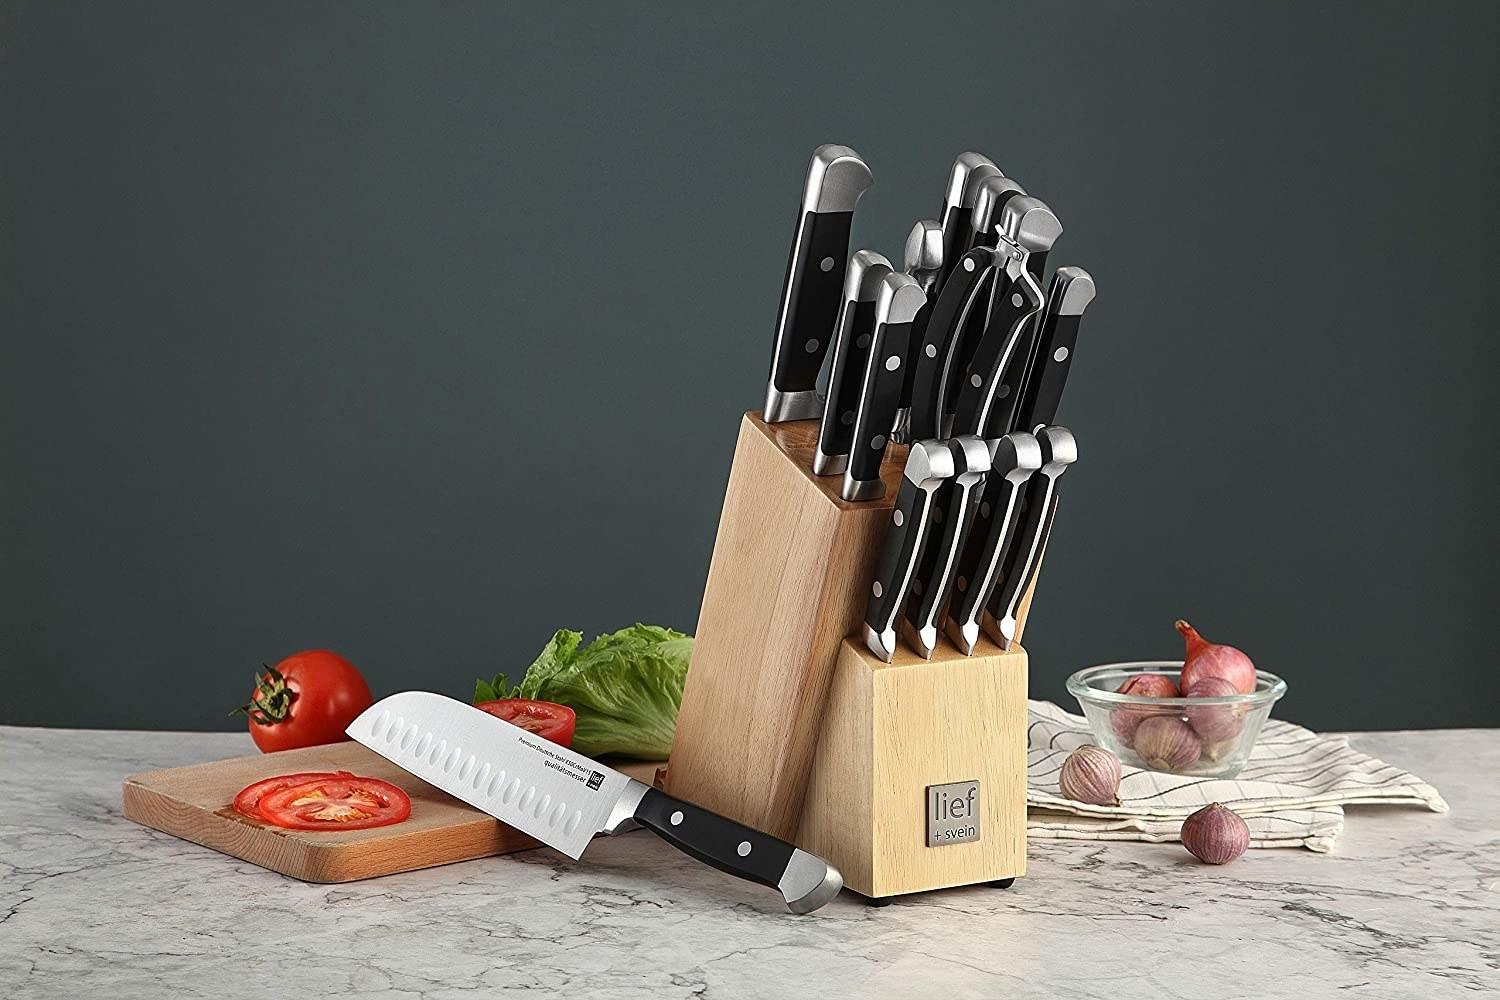 the 15 piece kitchen knife set